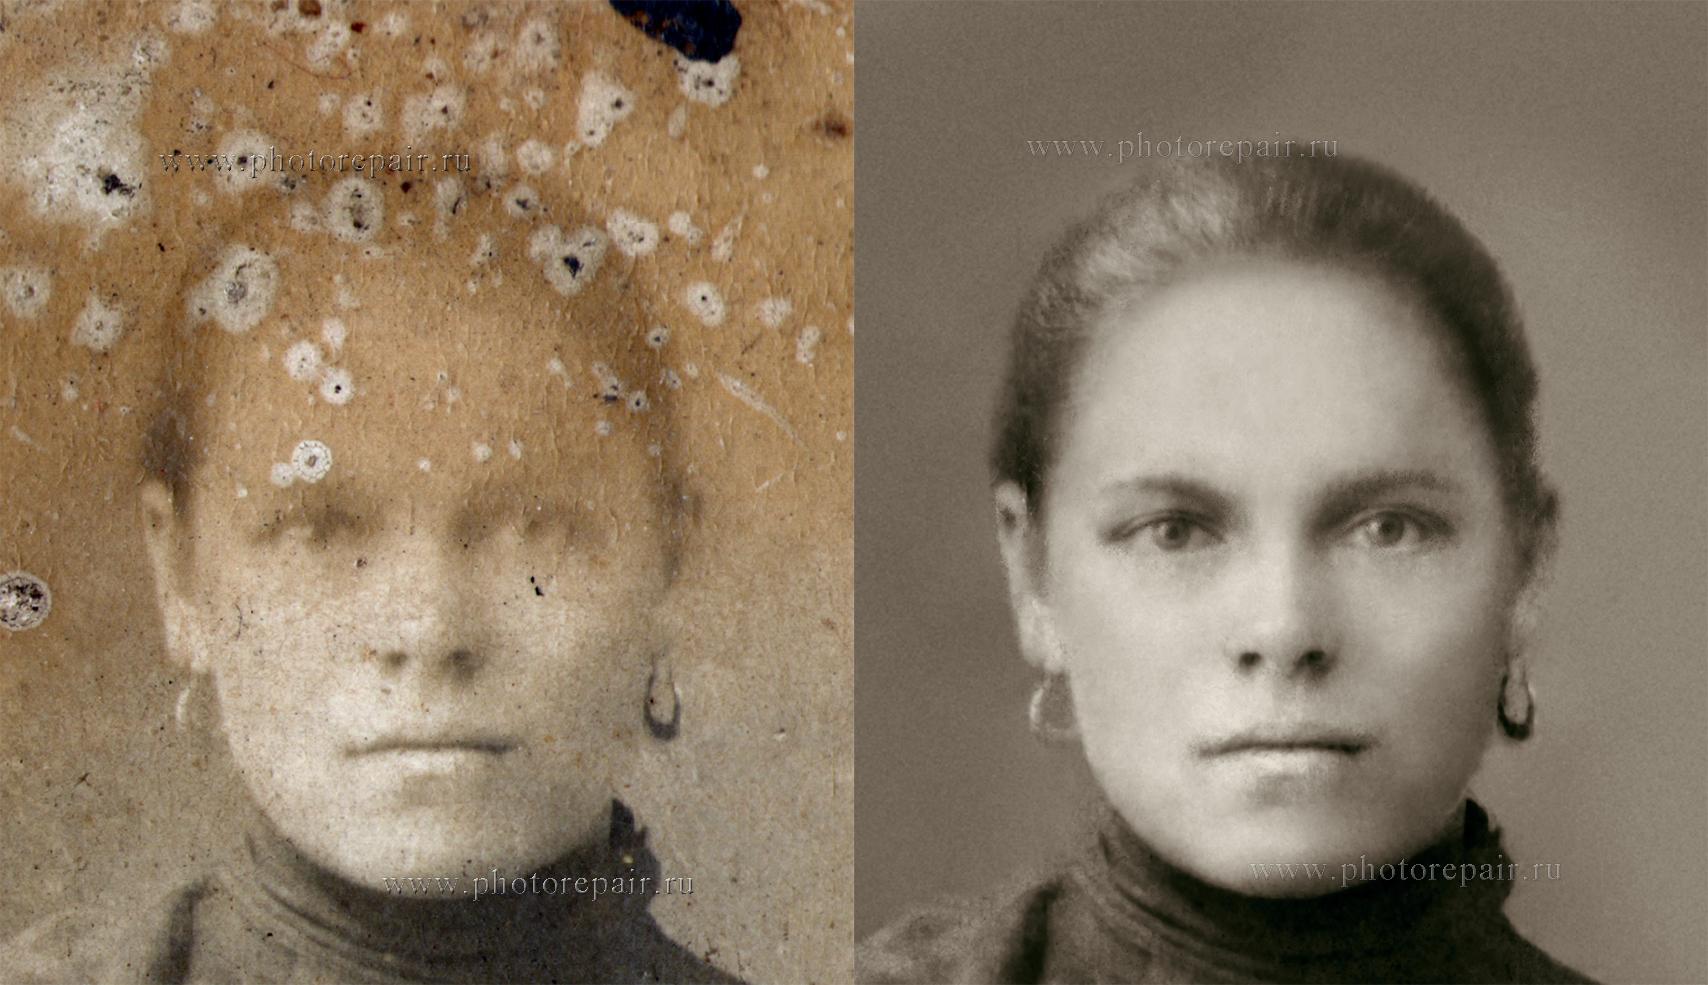 восстановление лица без дополнительных фотографий